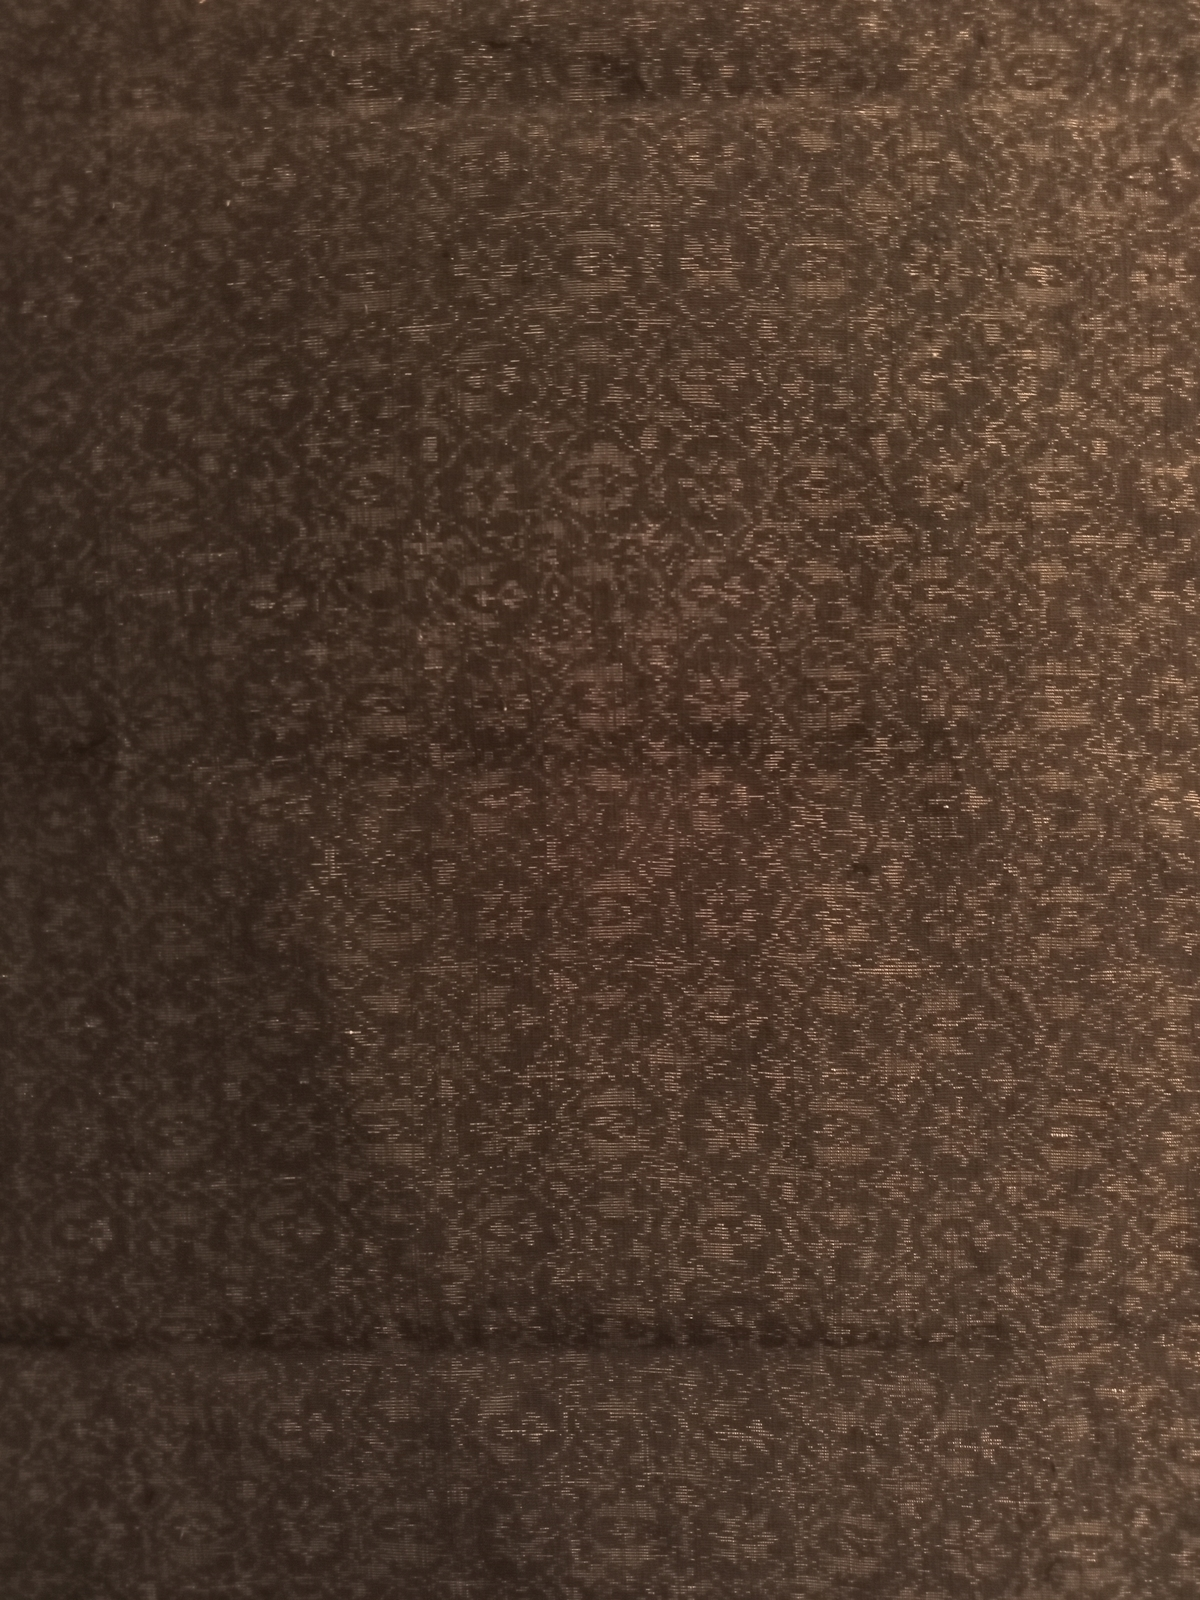 f:id:uribouwataru:20210530132054j:plain